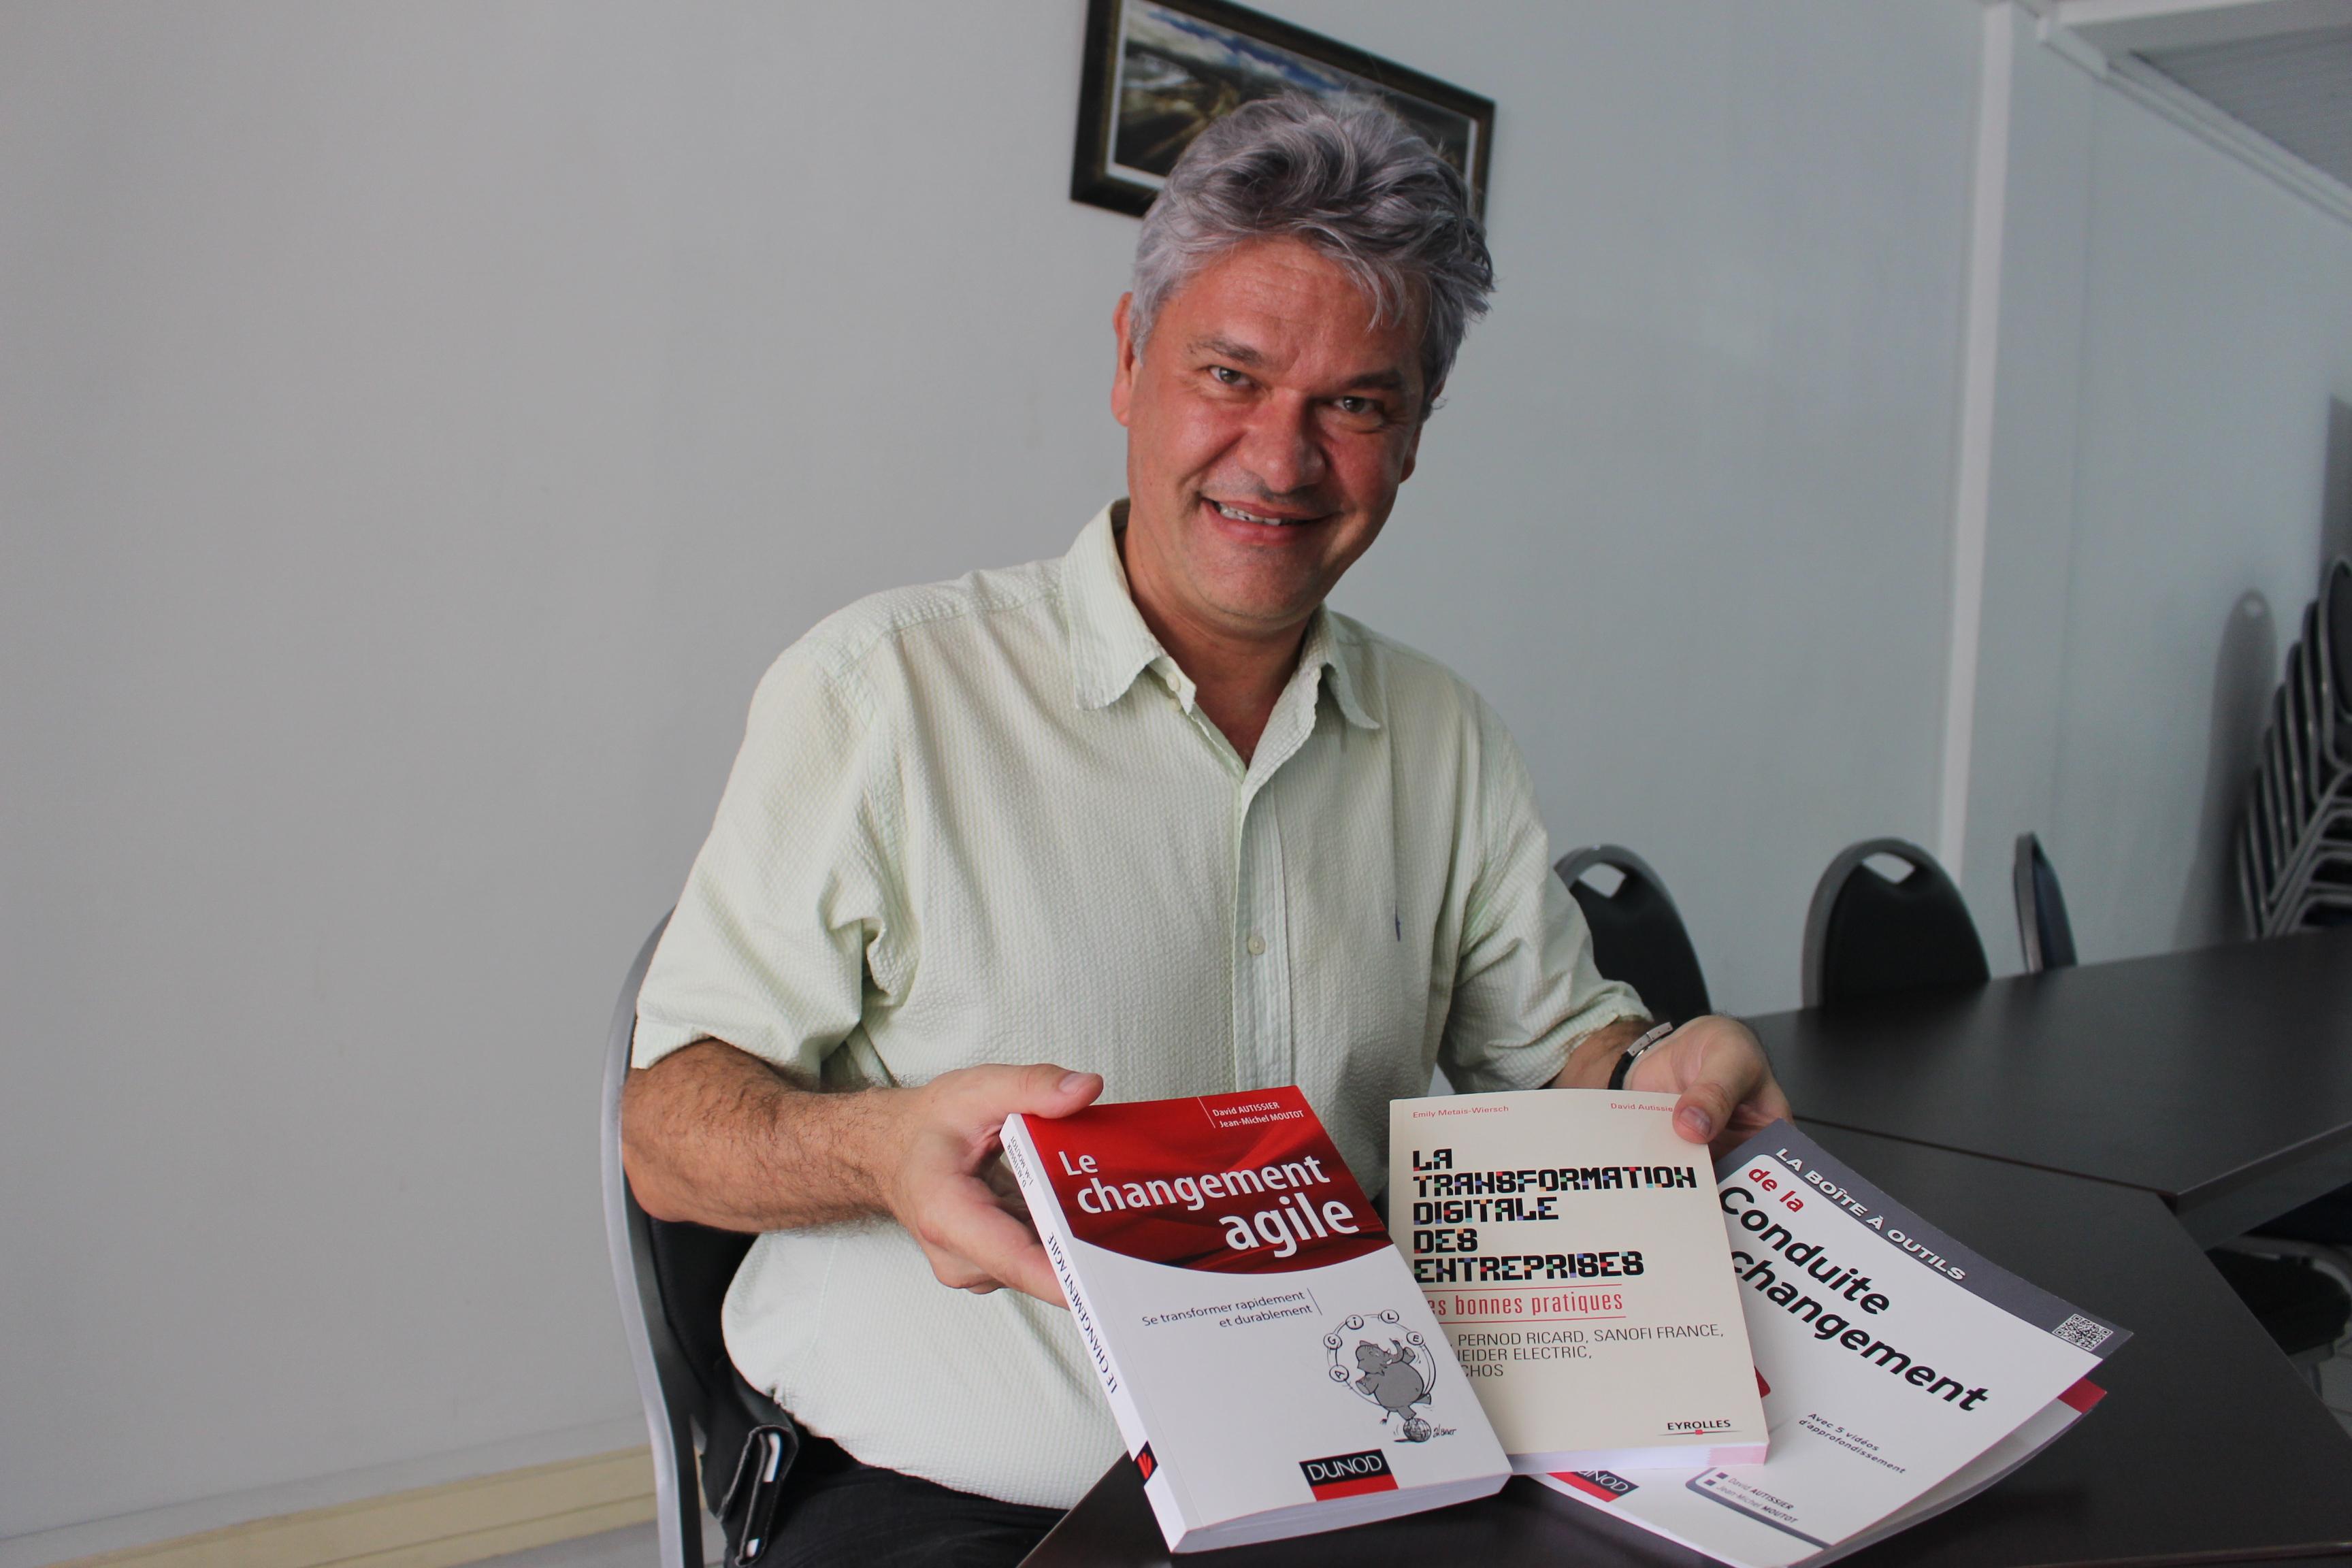 Alain Dusart de Anuanua Formation fait venir l'expert David Autissier pour animer une semaine de formation sur le changement et l'innovation managériale. Ce dernier est l'auteur de nombreux ouvrages sur le sujet.